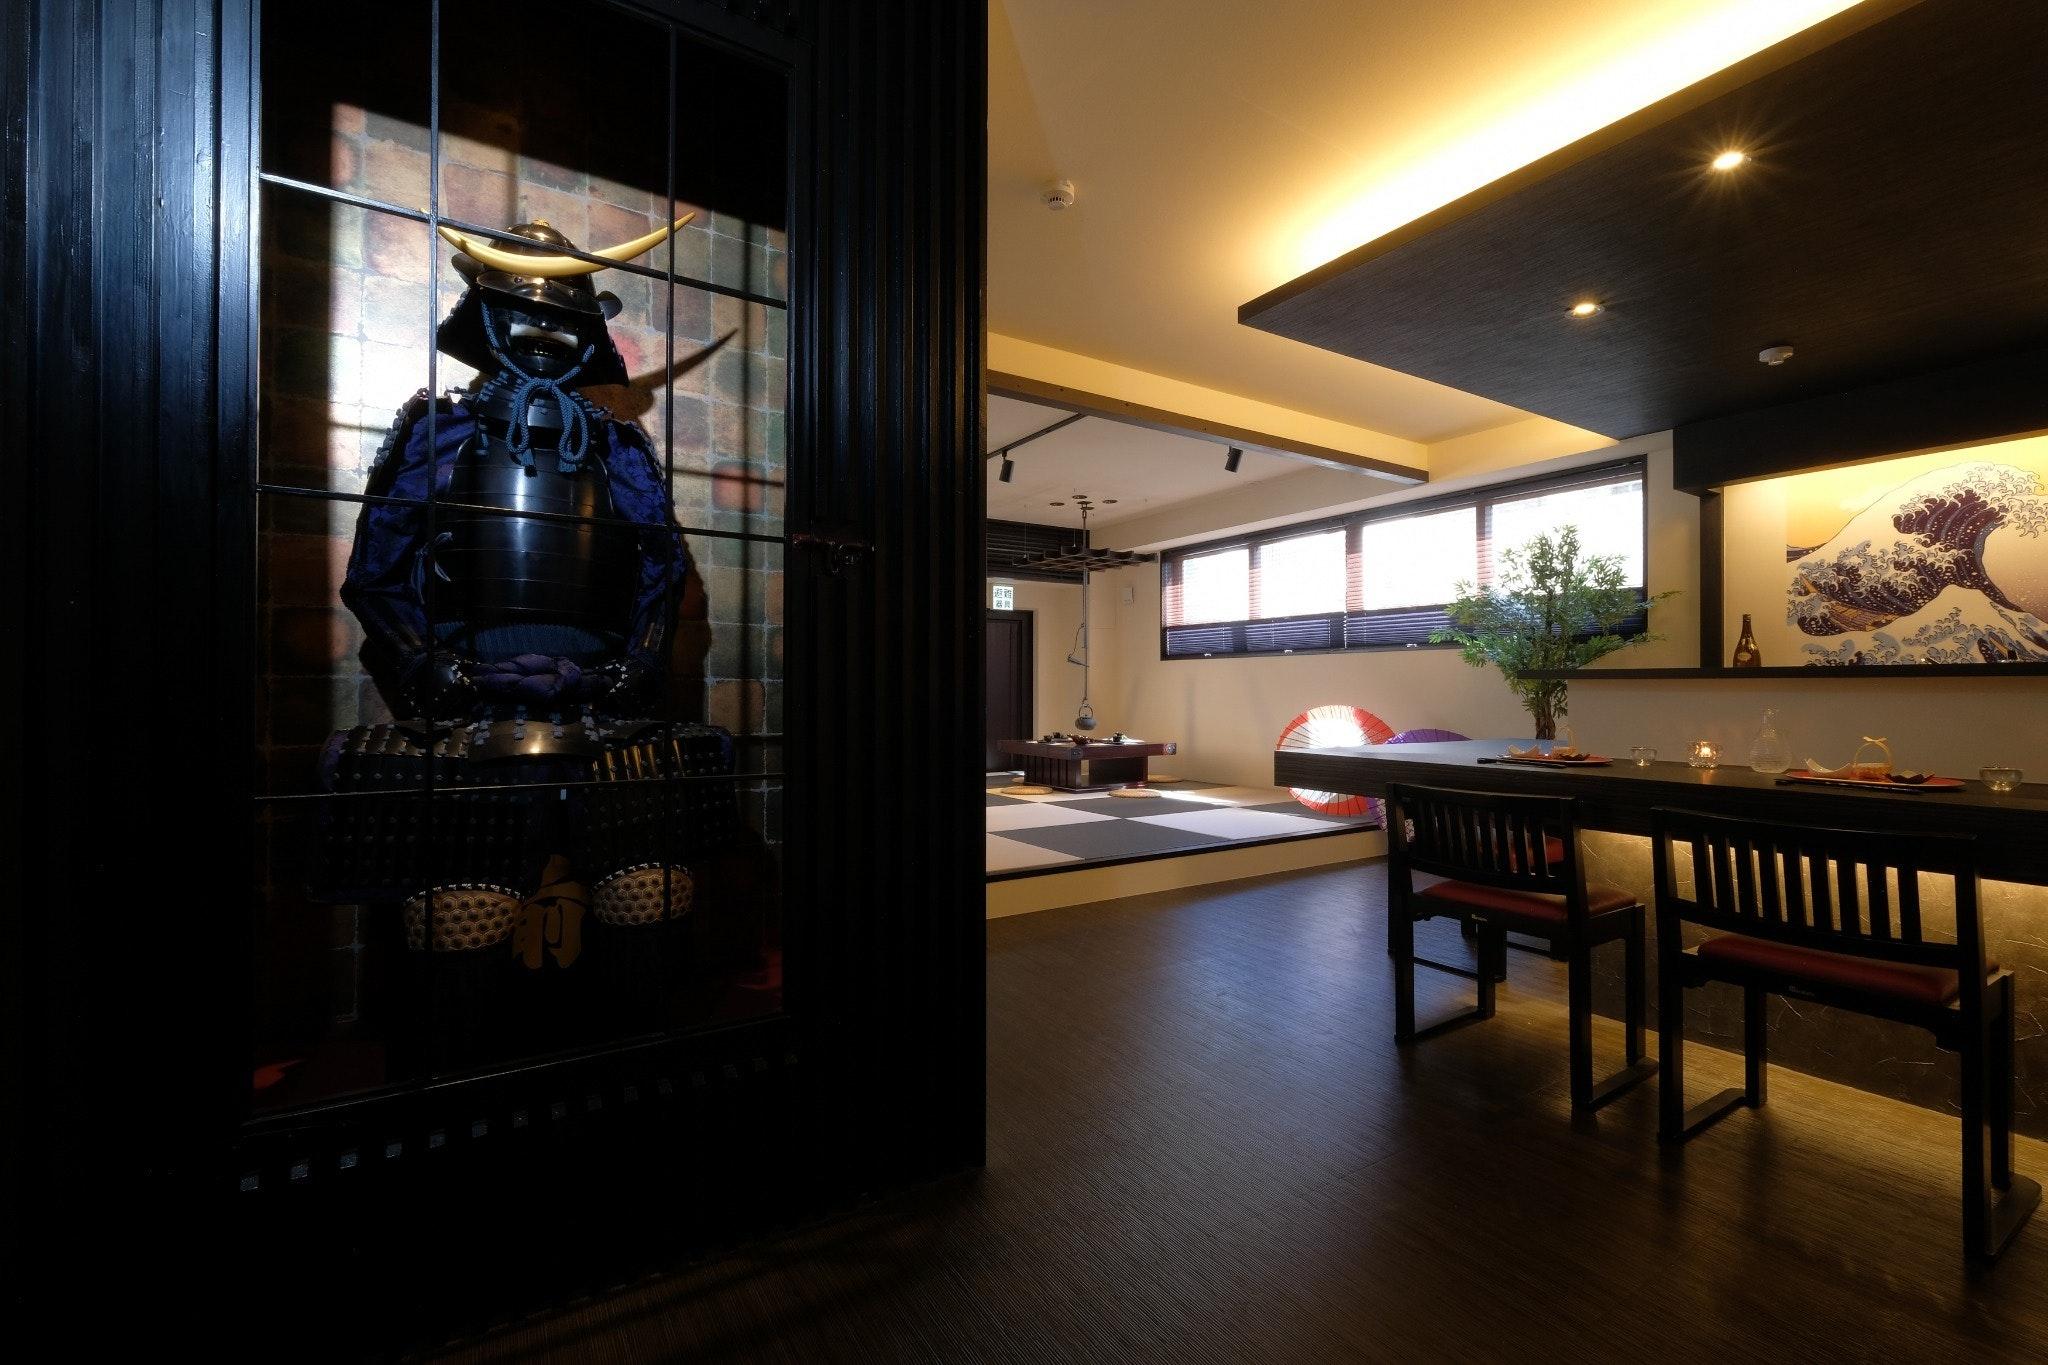 まるで「和」のテーマパーク!高級料亭のような雰囲気で日本の魅力を心行くまで堪能★★2階